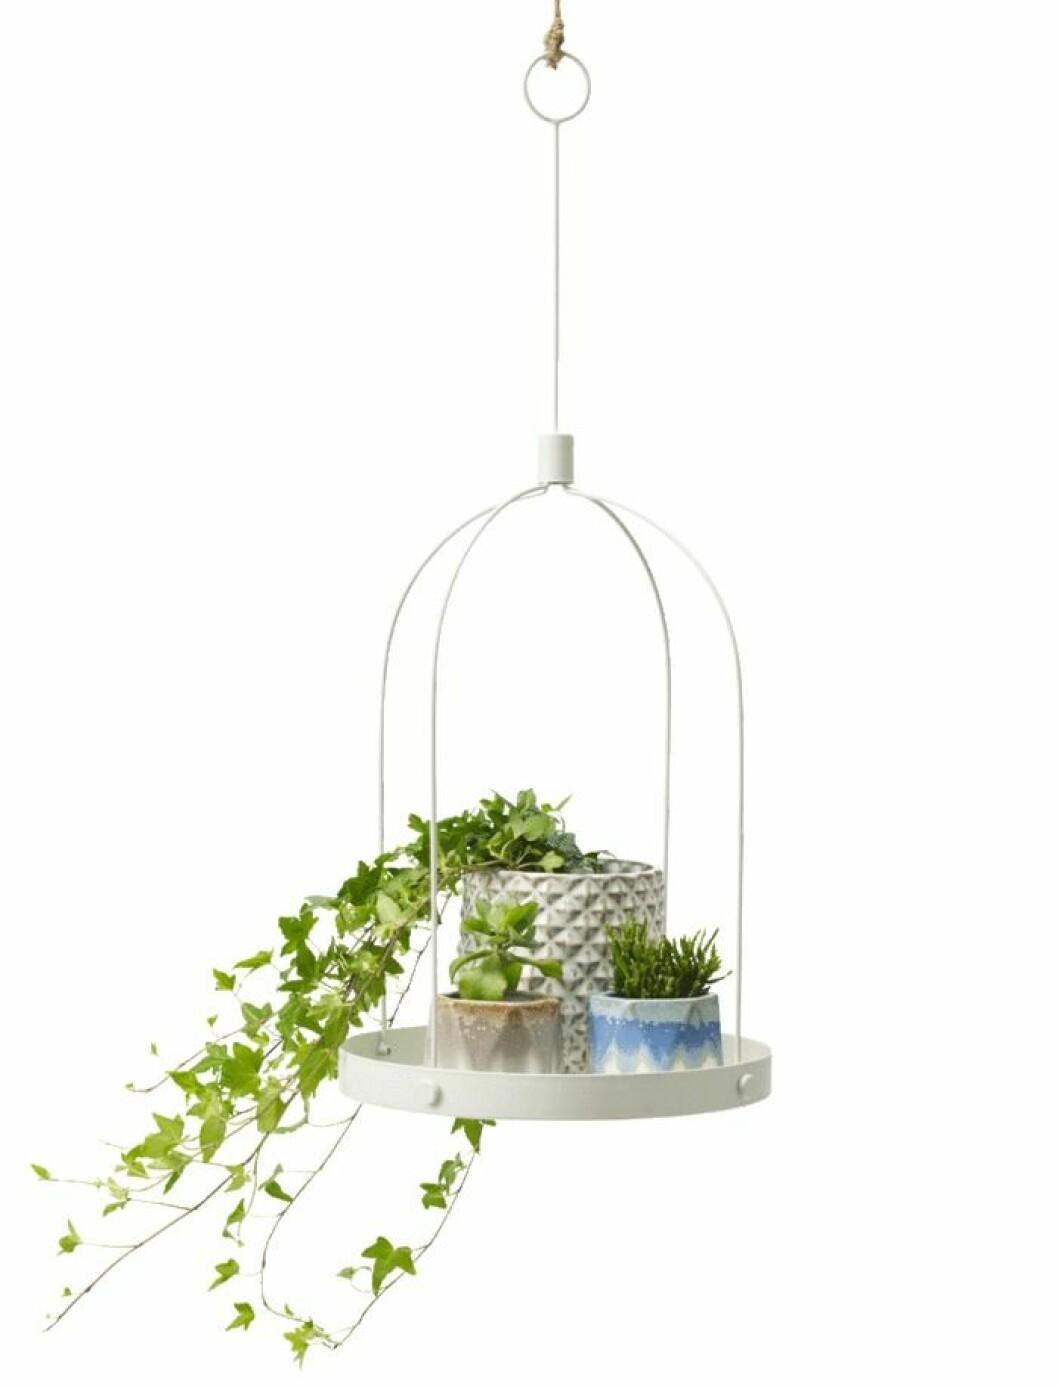 Fin hängande bricka för växterna